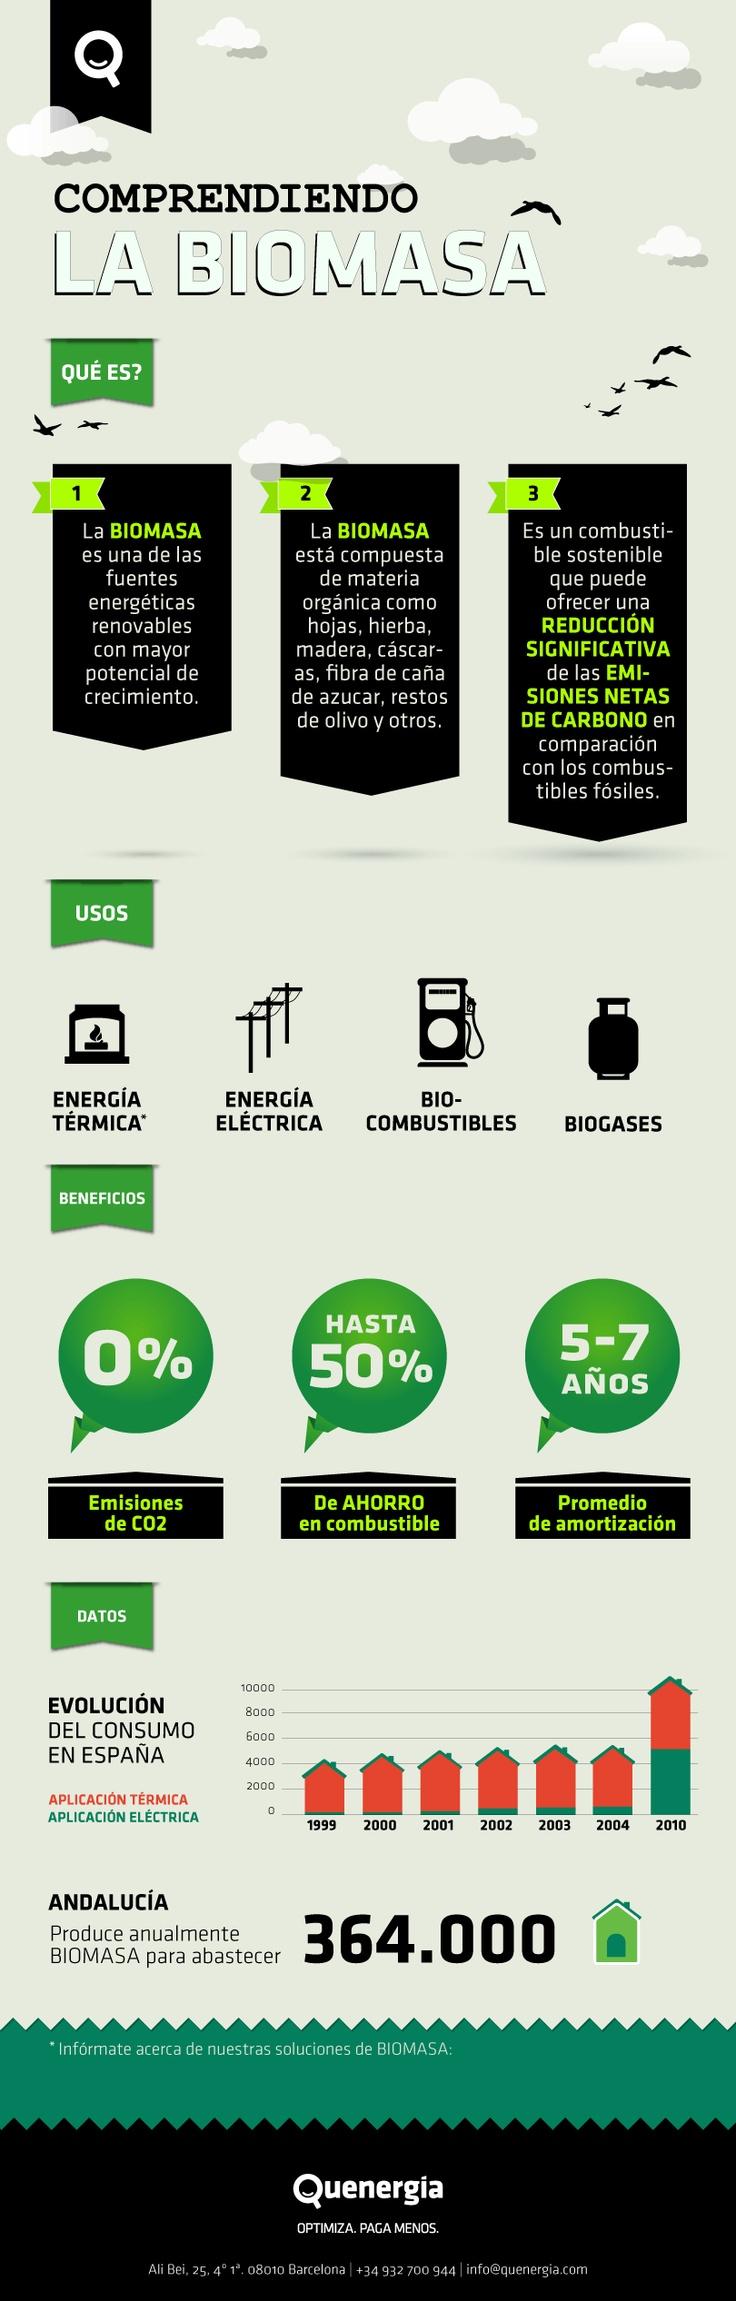 ¿Te has preguntado que es la Biomasa y como gener energía a través de ella? Esta infografía te podrá ser de mucha utilidad.